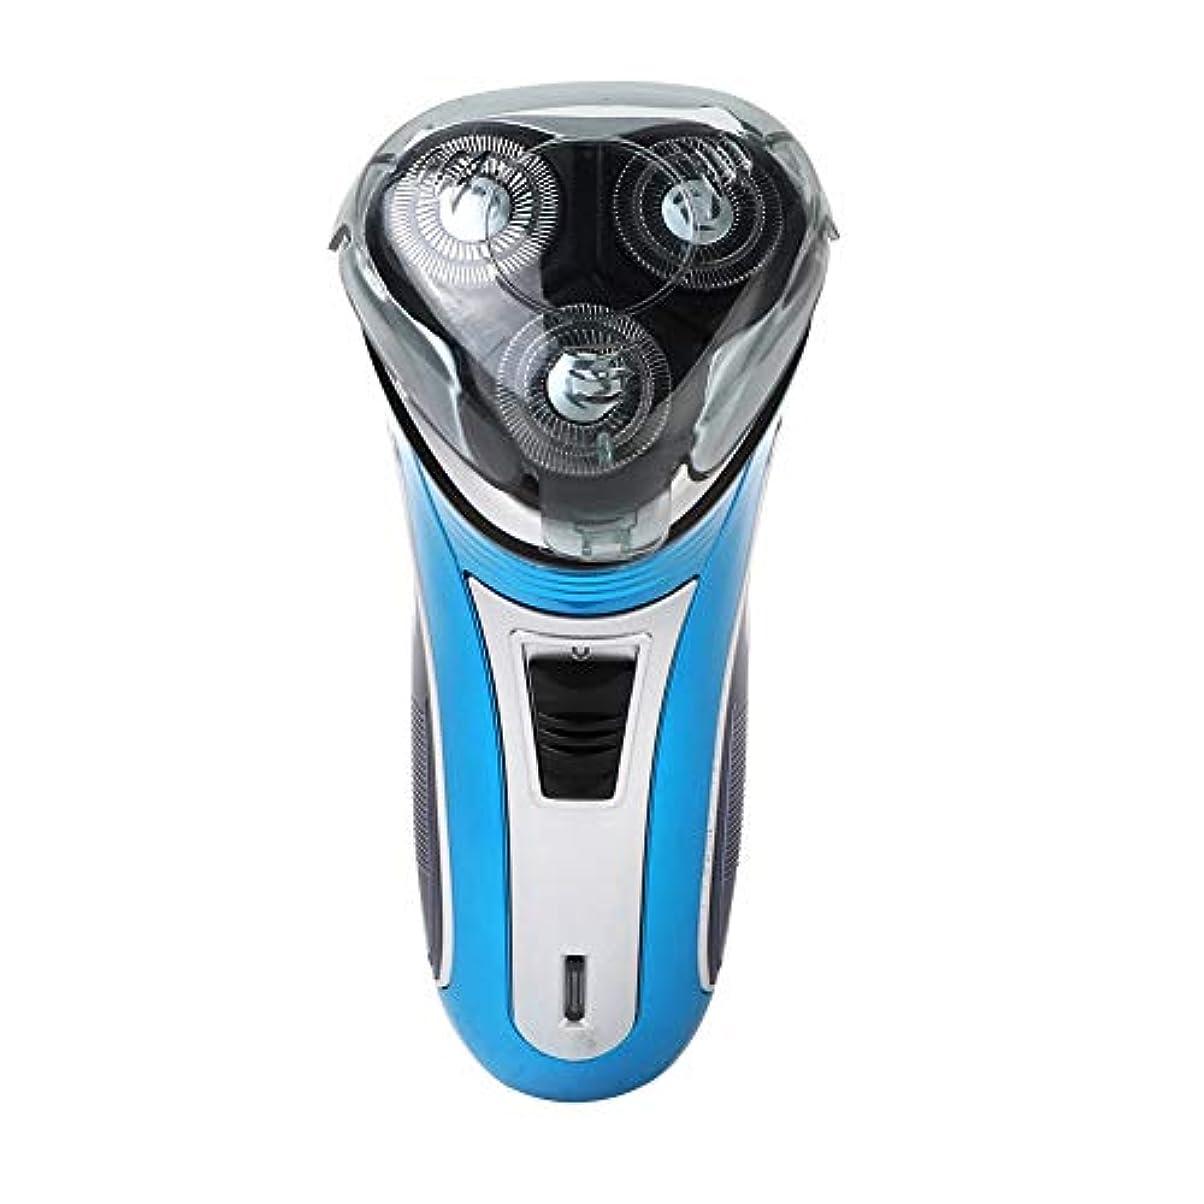 製油所必要性ドリンク電気かみそりのかみそり、男性のための2つのひげのトリマーのコードレス電気かみそりの男性のための回転式かみそりの急速充電式かみそり